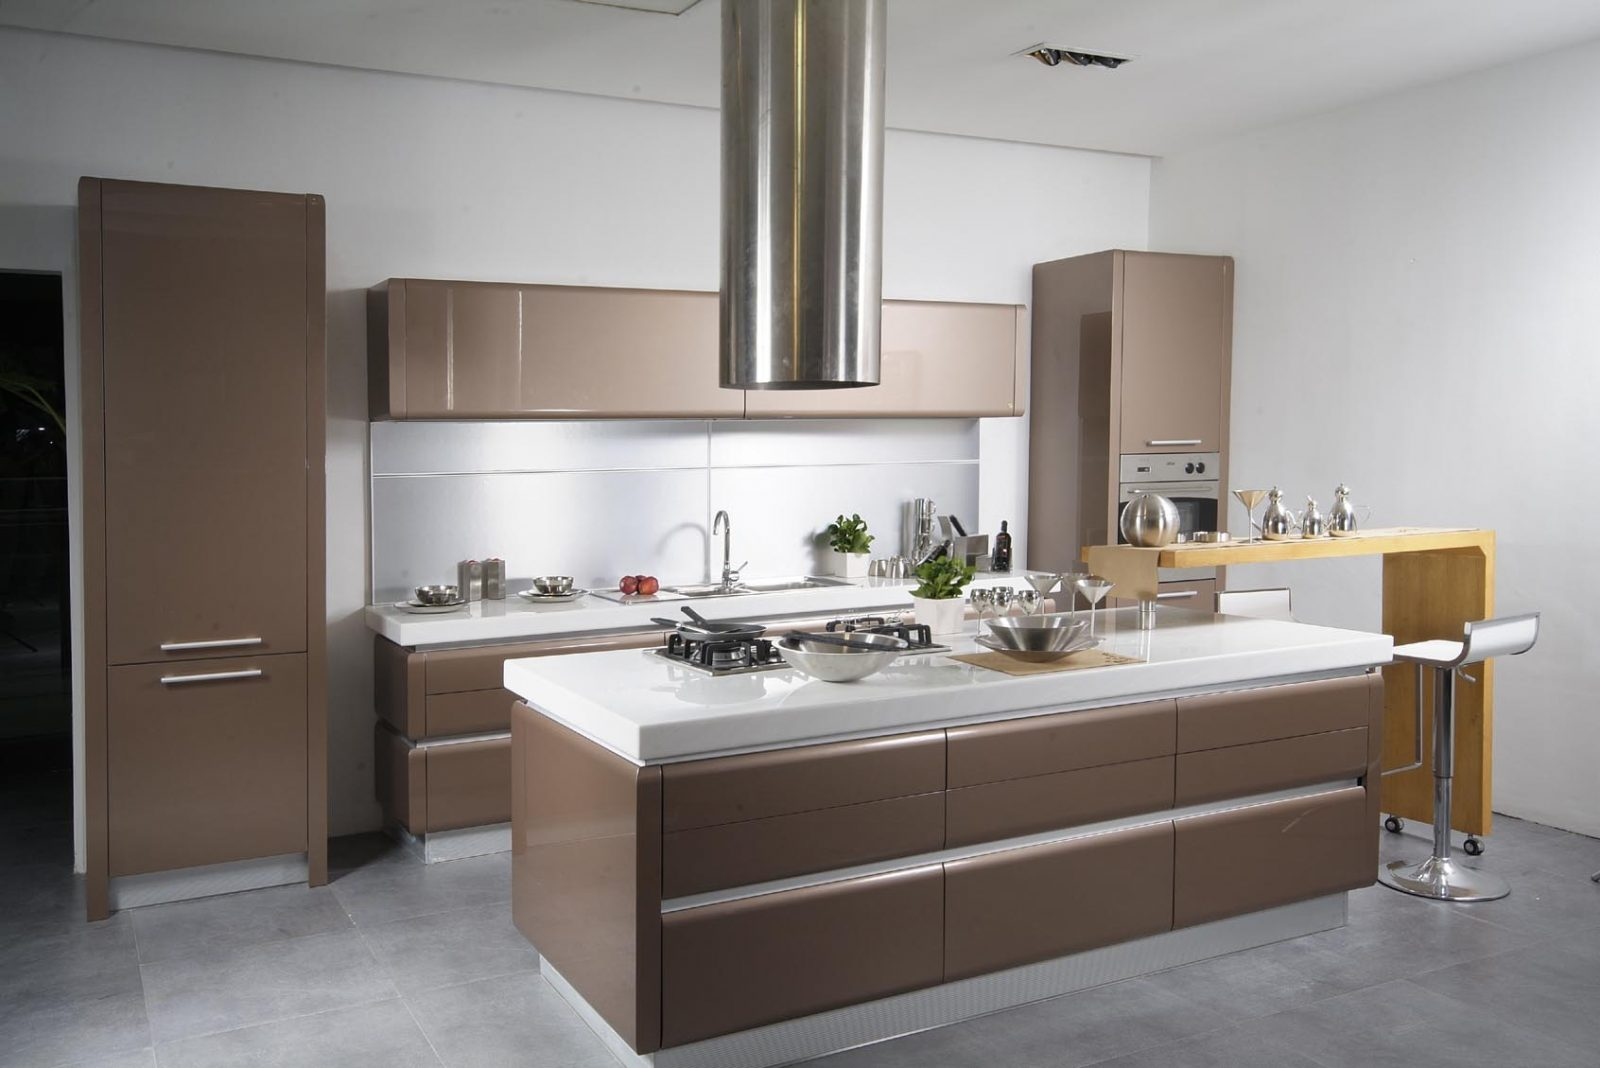 Muebles de cocina de melamina :: Imágenes y fotos